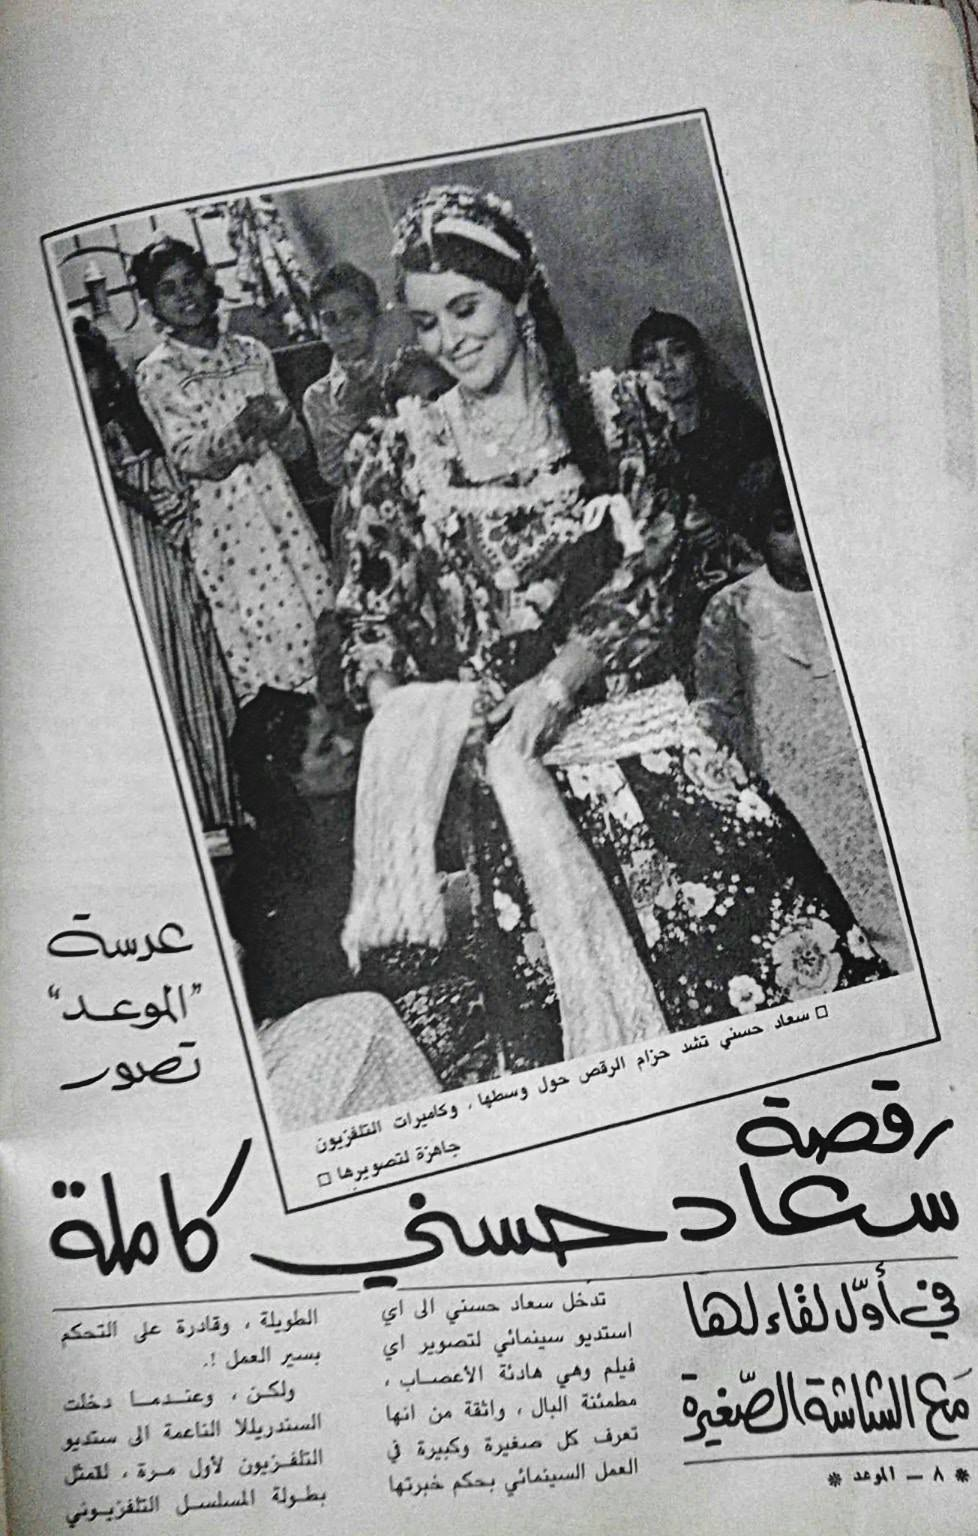 مقال - مقال صحفي : رقصة سعاد حسني كاملة 1985 م 119